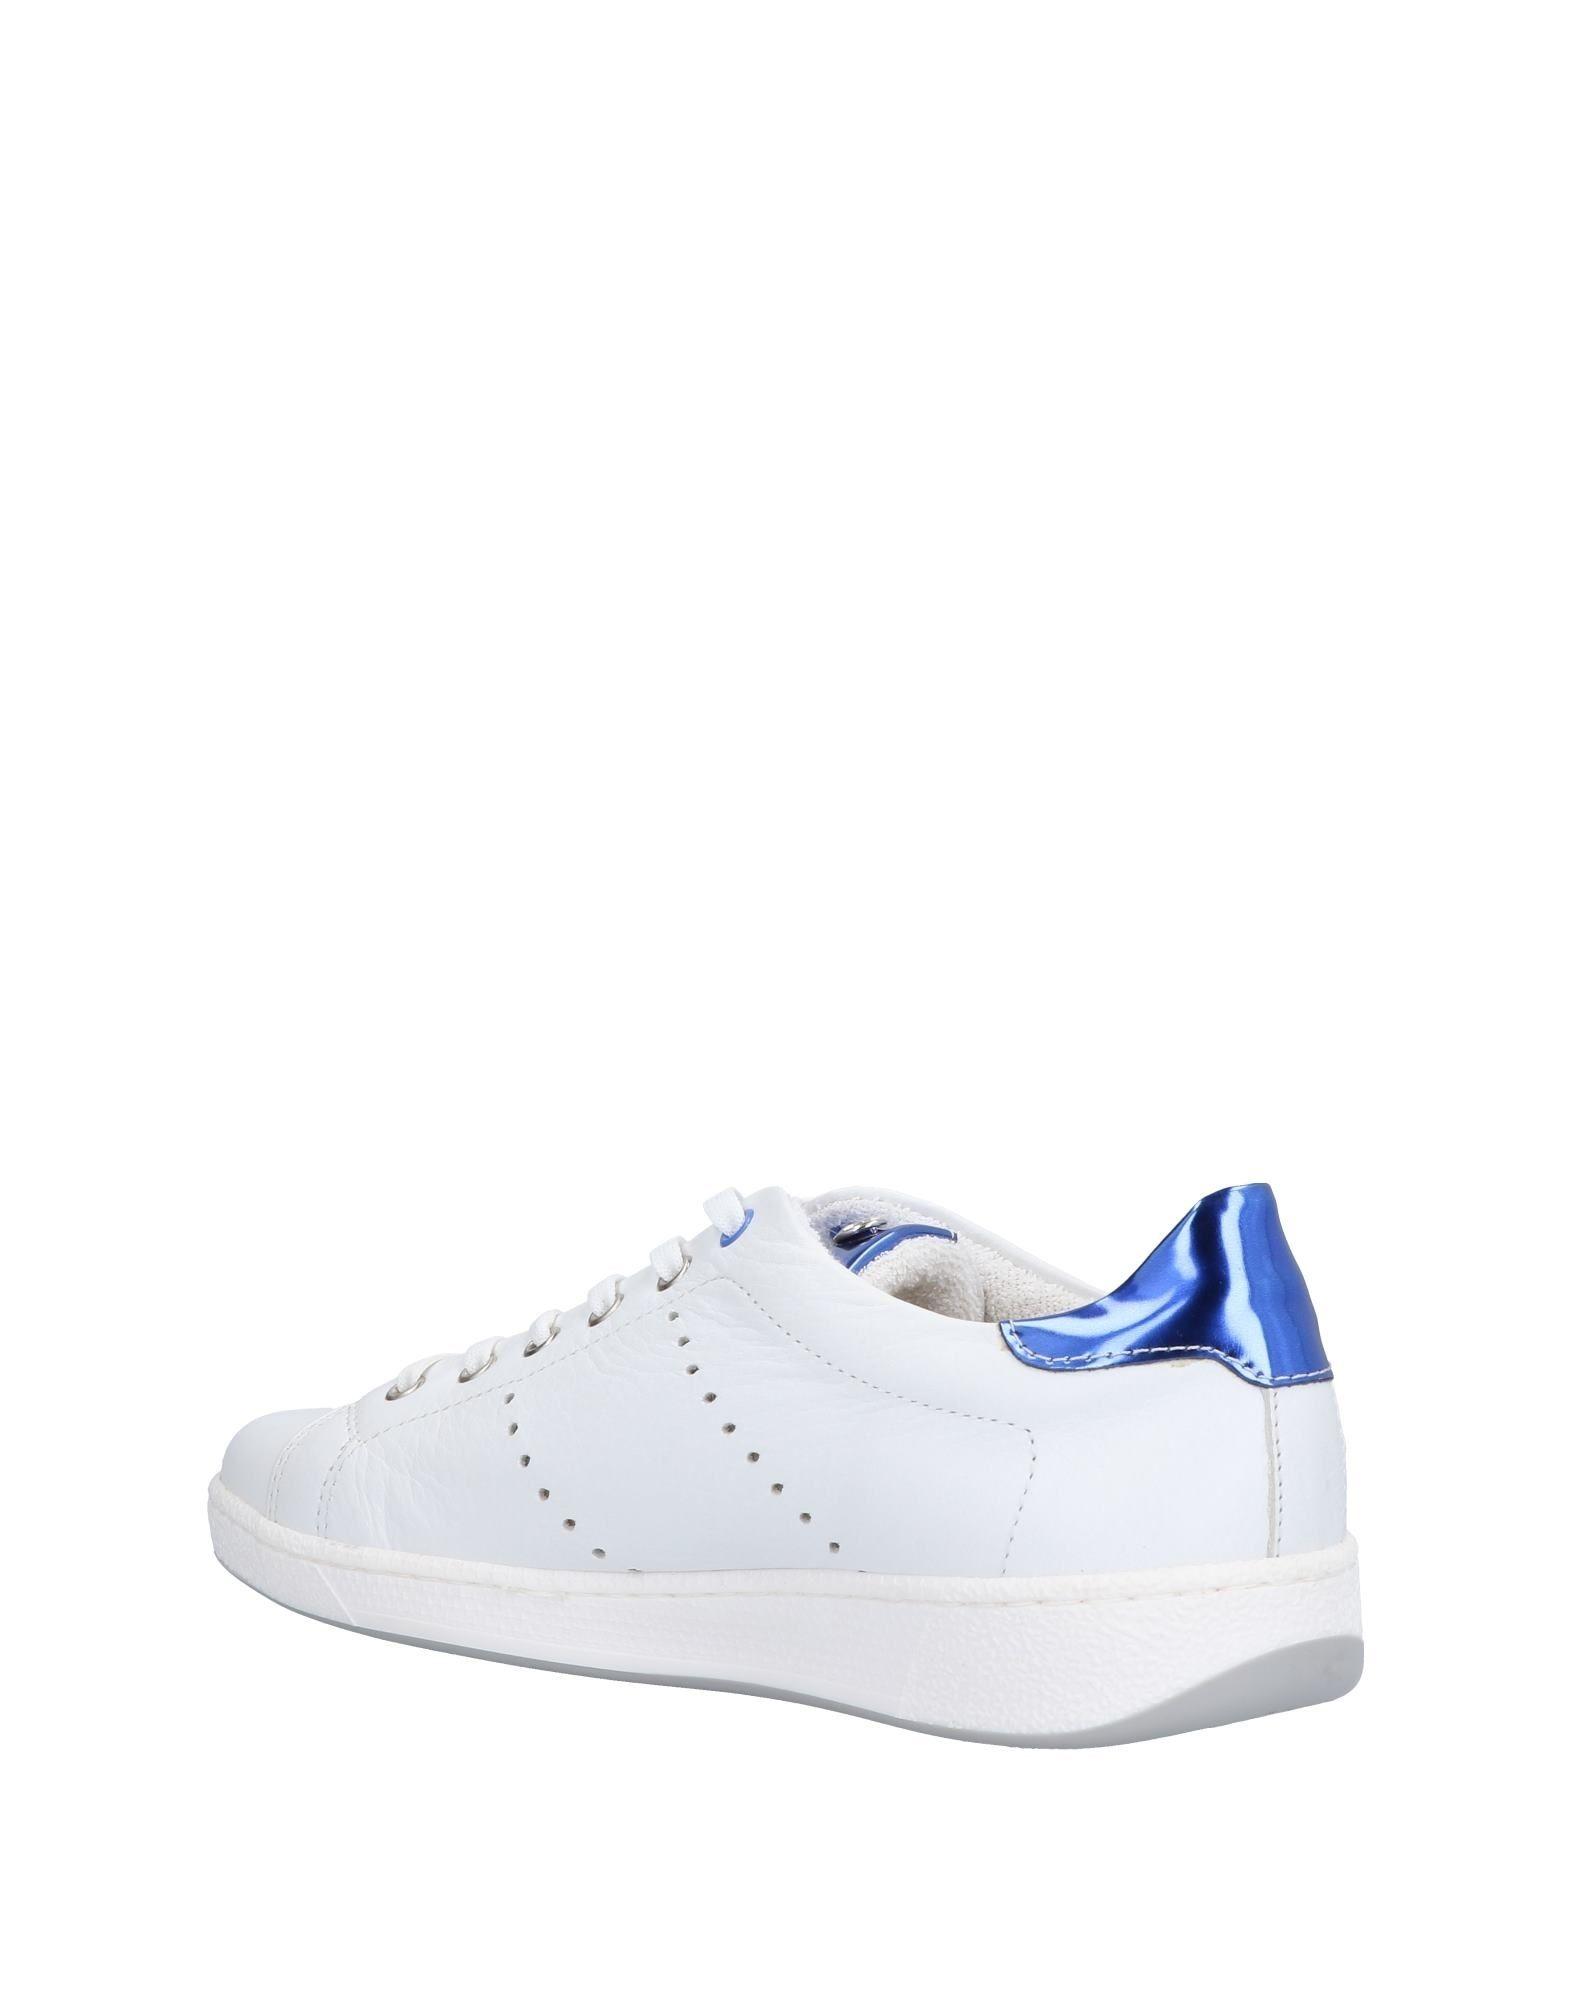 Jackal Sneakers Herren  11497665MR 11497665MR  86ace8